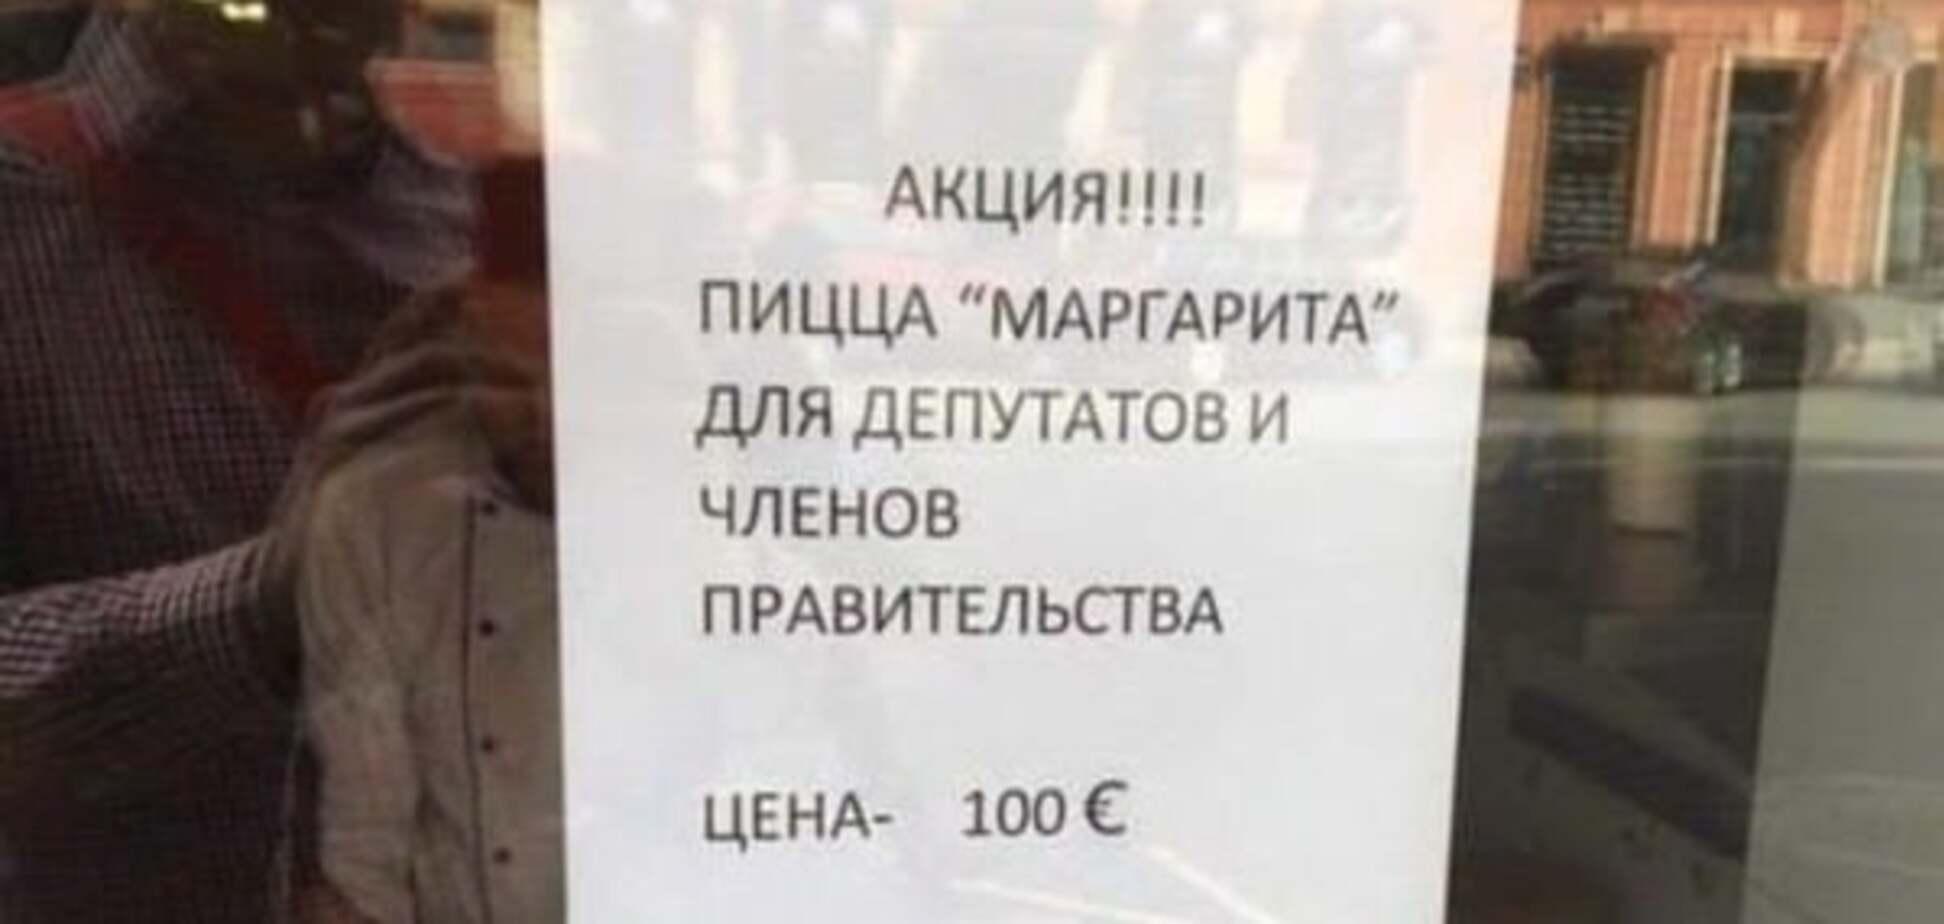 Якщо грошей немає, то тримайтеся там: у піцерії Пітера 'потролили' членів уряду